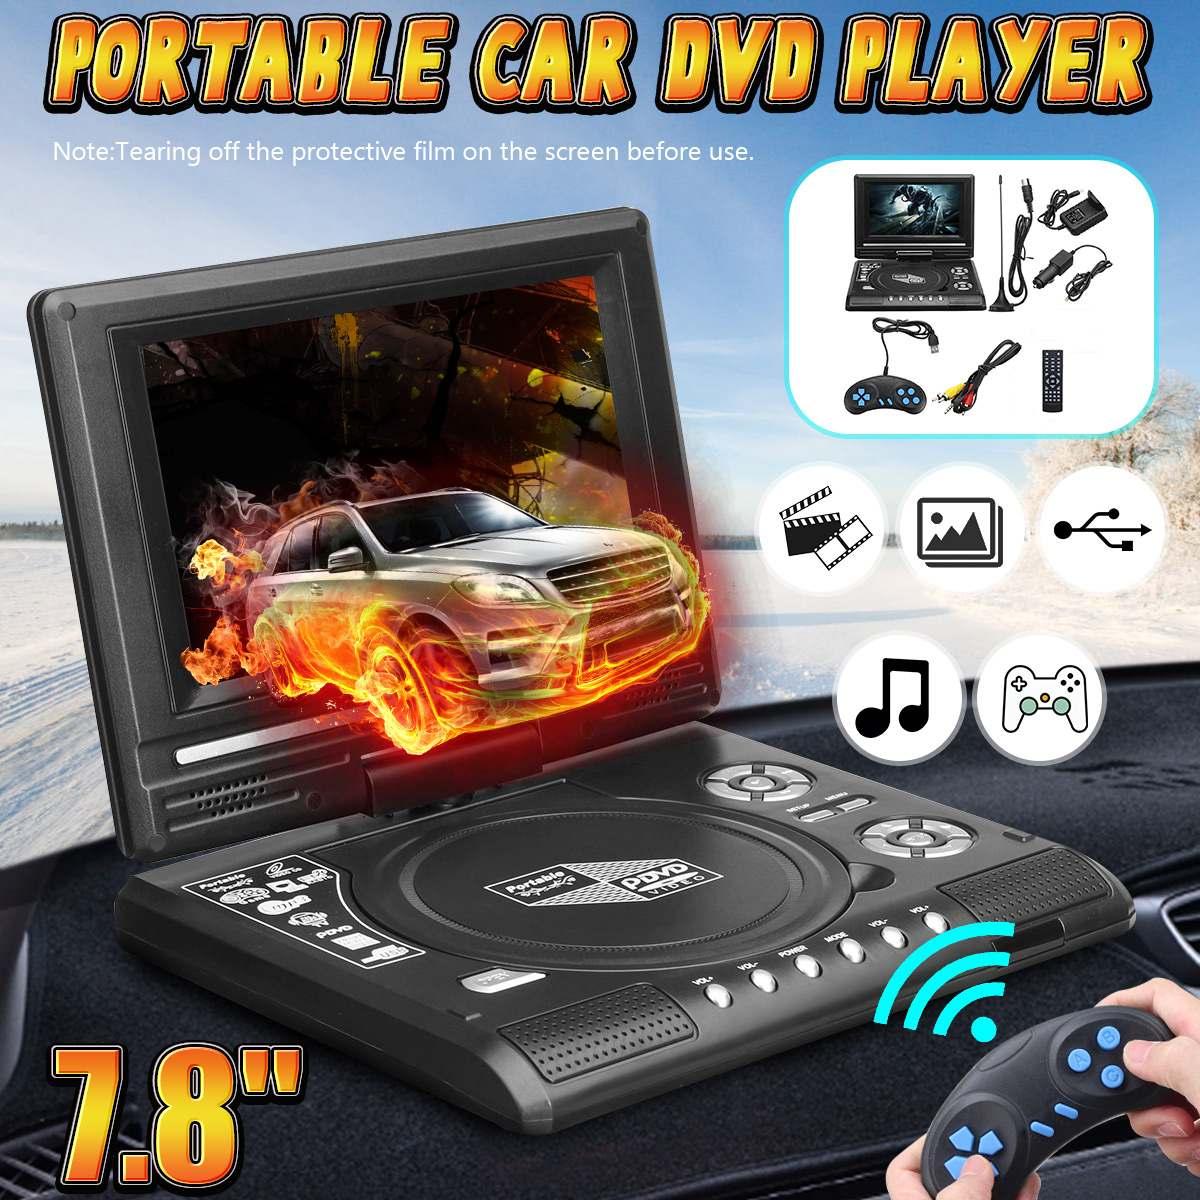 7.8 Programa Polegada Início Car DVD Player Portátil TV Jogo 270 Graus Função de Leitura de Cartão USB SD FM Jogo Multimídia player w/Gamepad